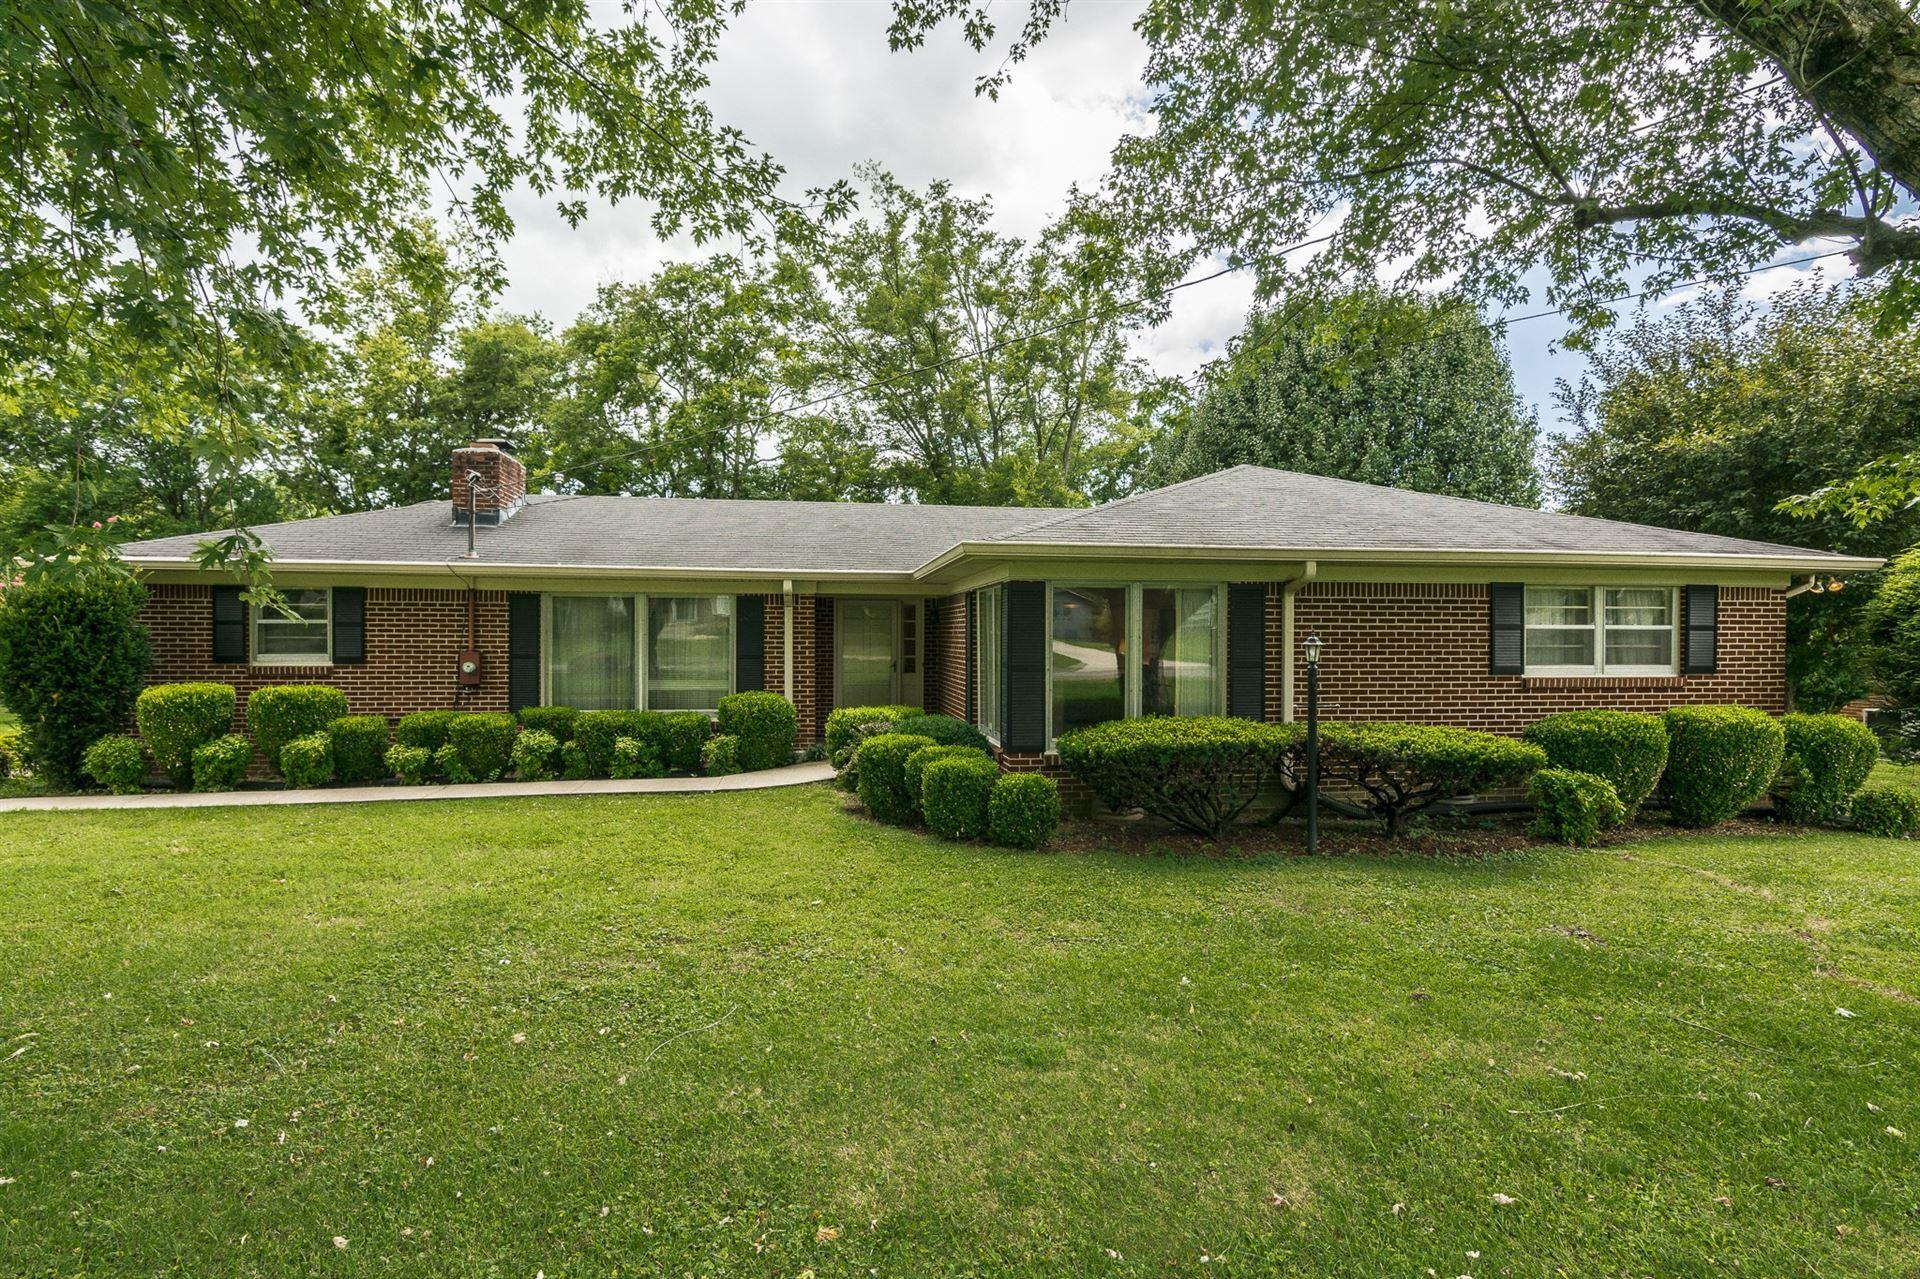 136 Oaks Dr, Gallatin, TN 37066 - MLS#: 2292157